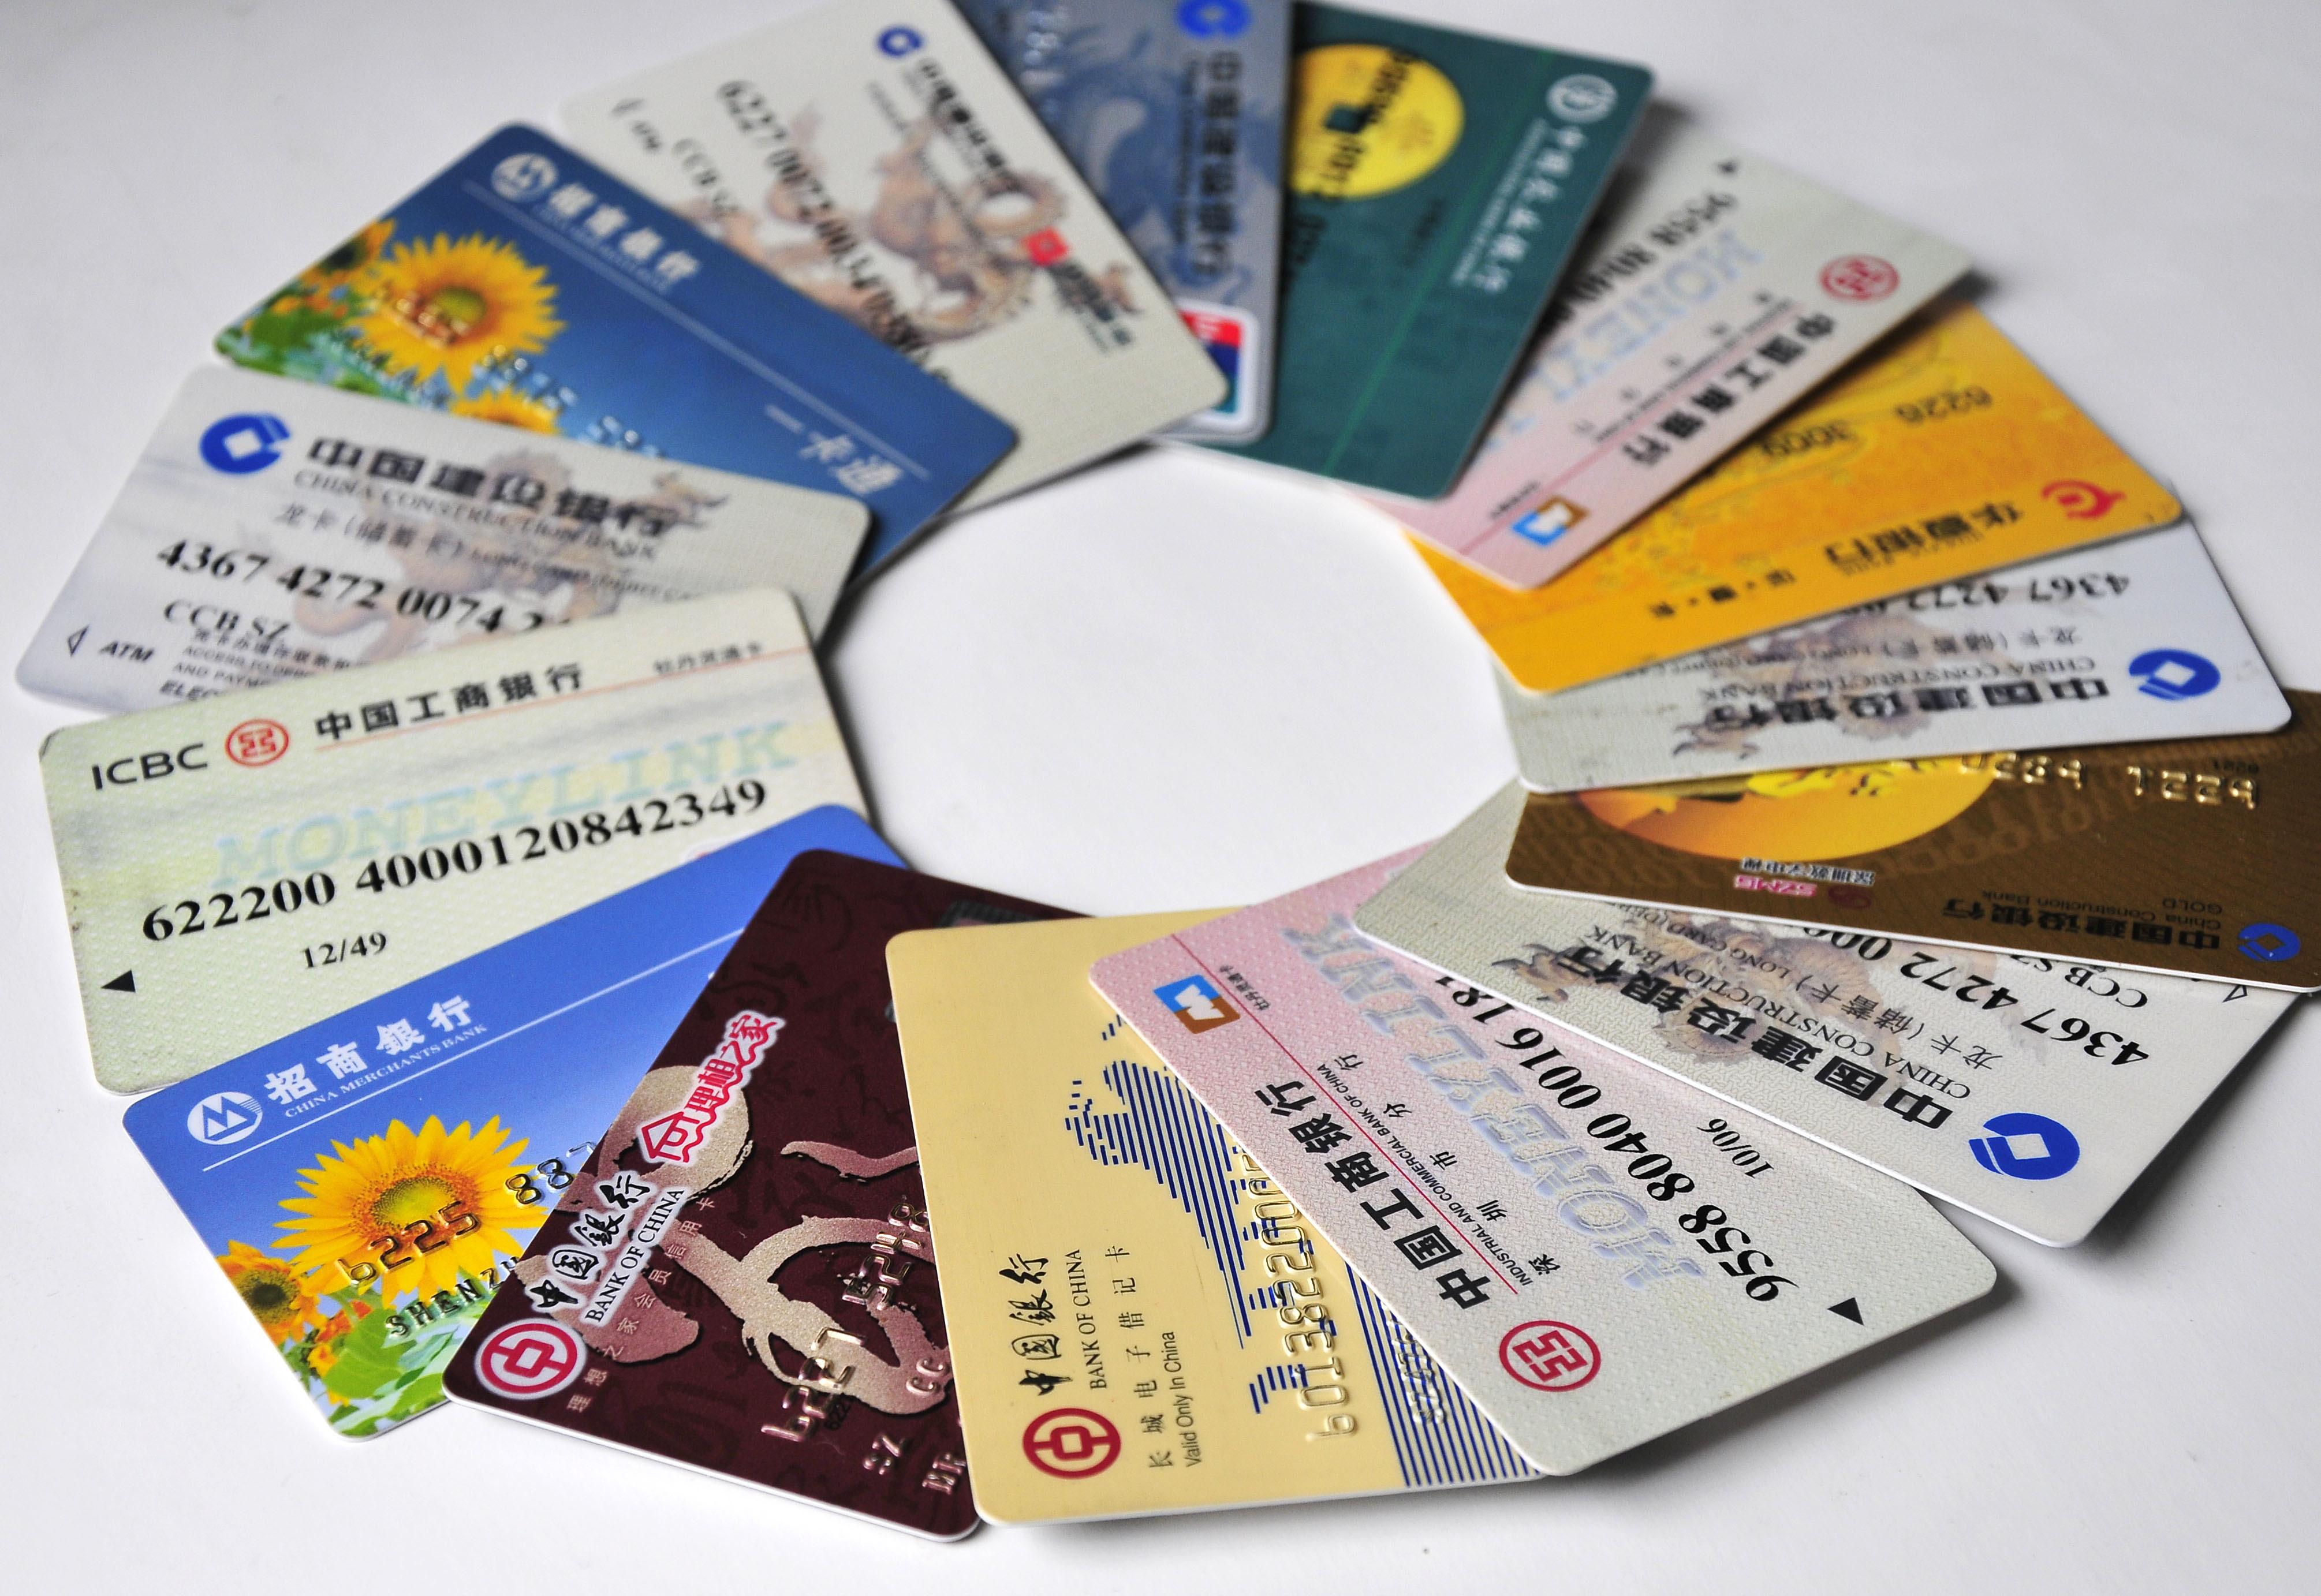 信用卡快速提额的7个技巧,选择最适合自己的方法!